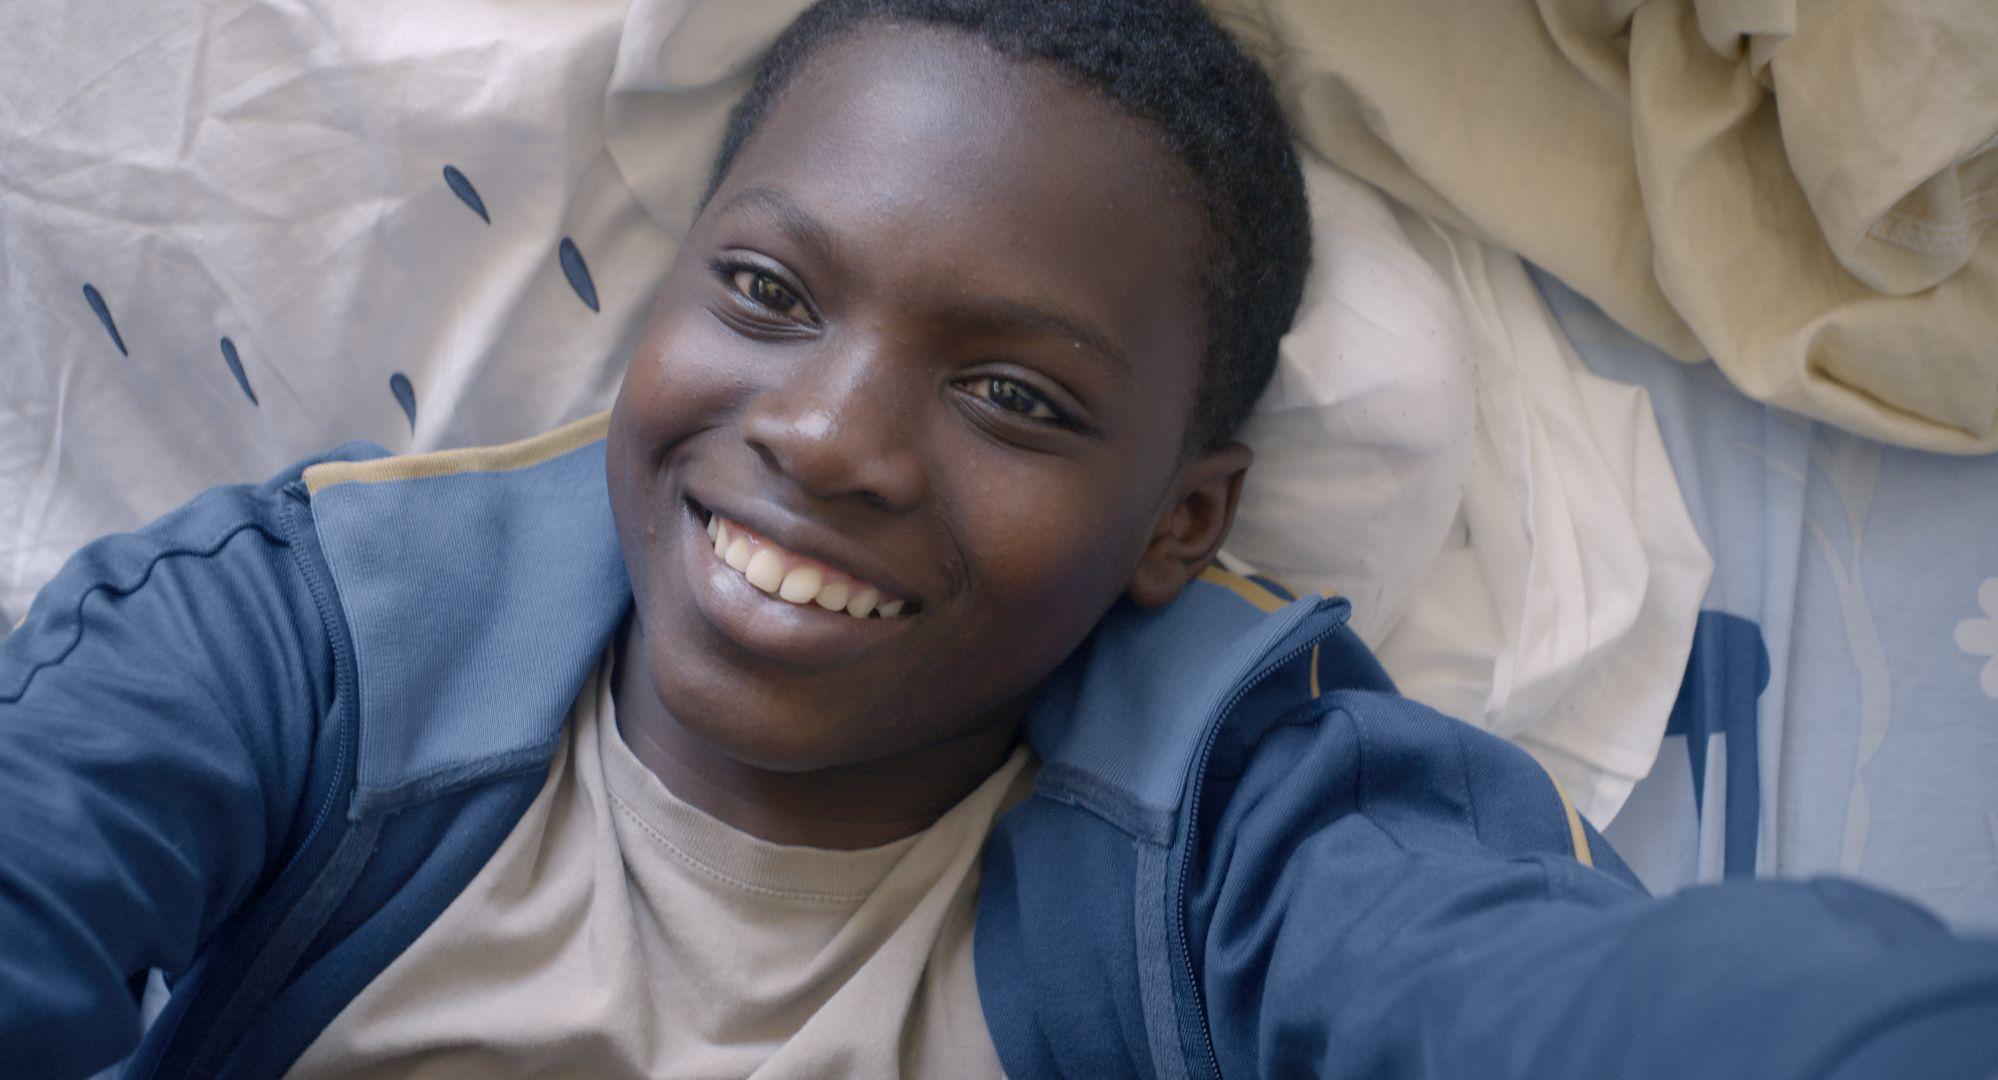 La vie en grand: Balamine Guirassy in un primo piano sorridente tratto dal film